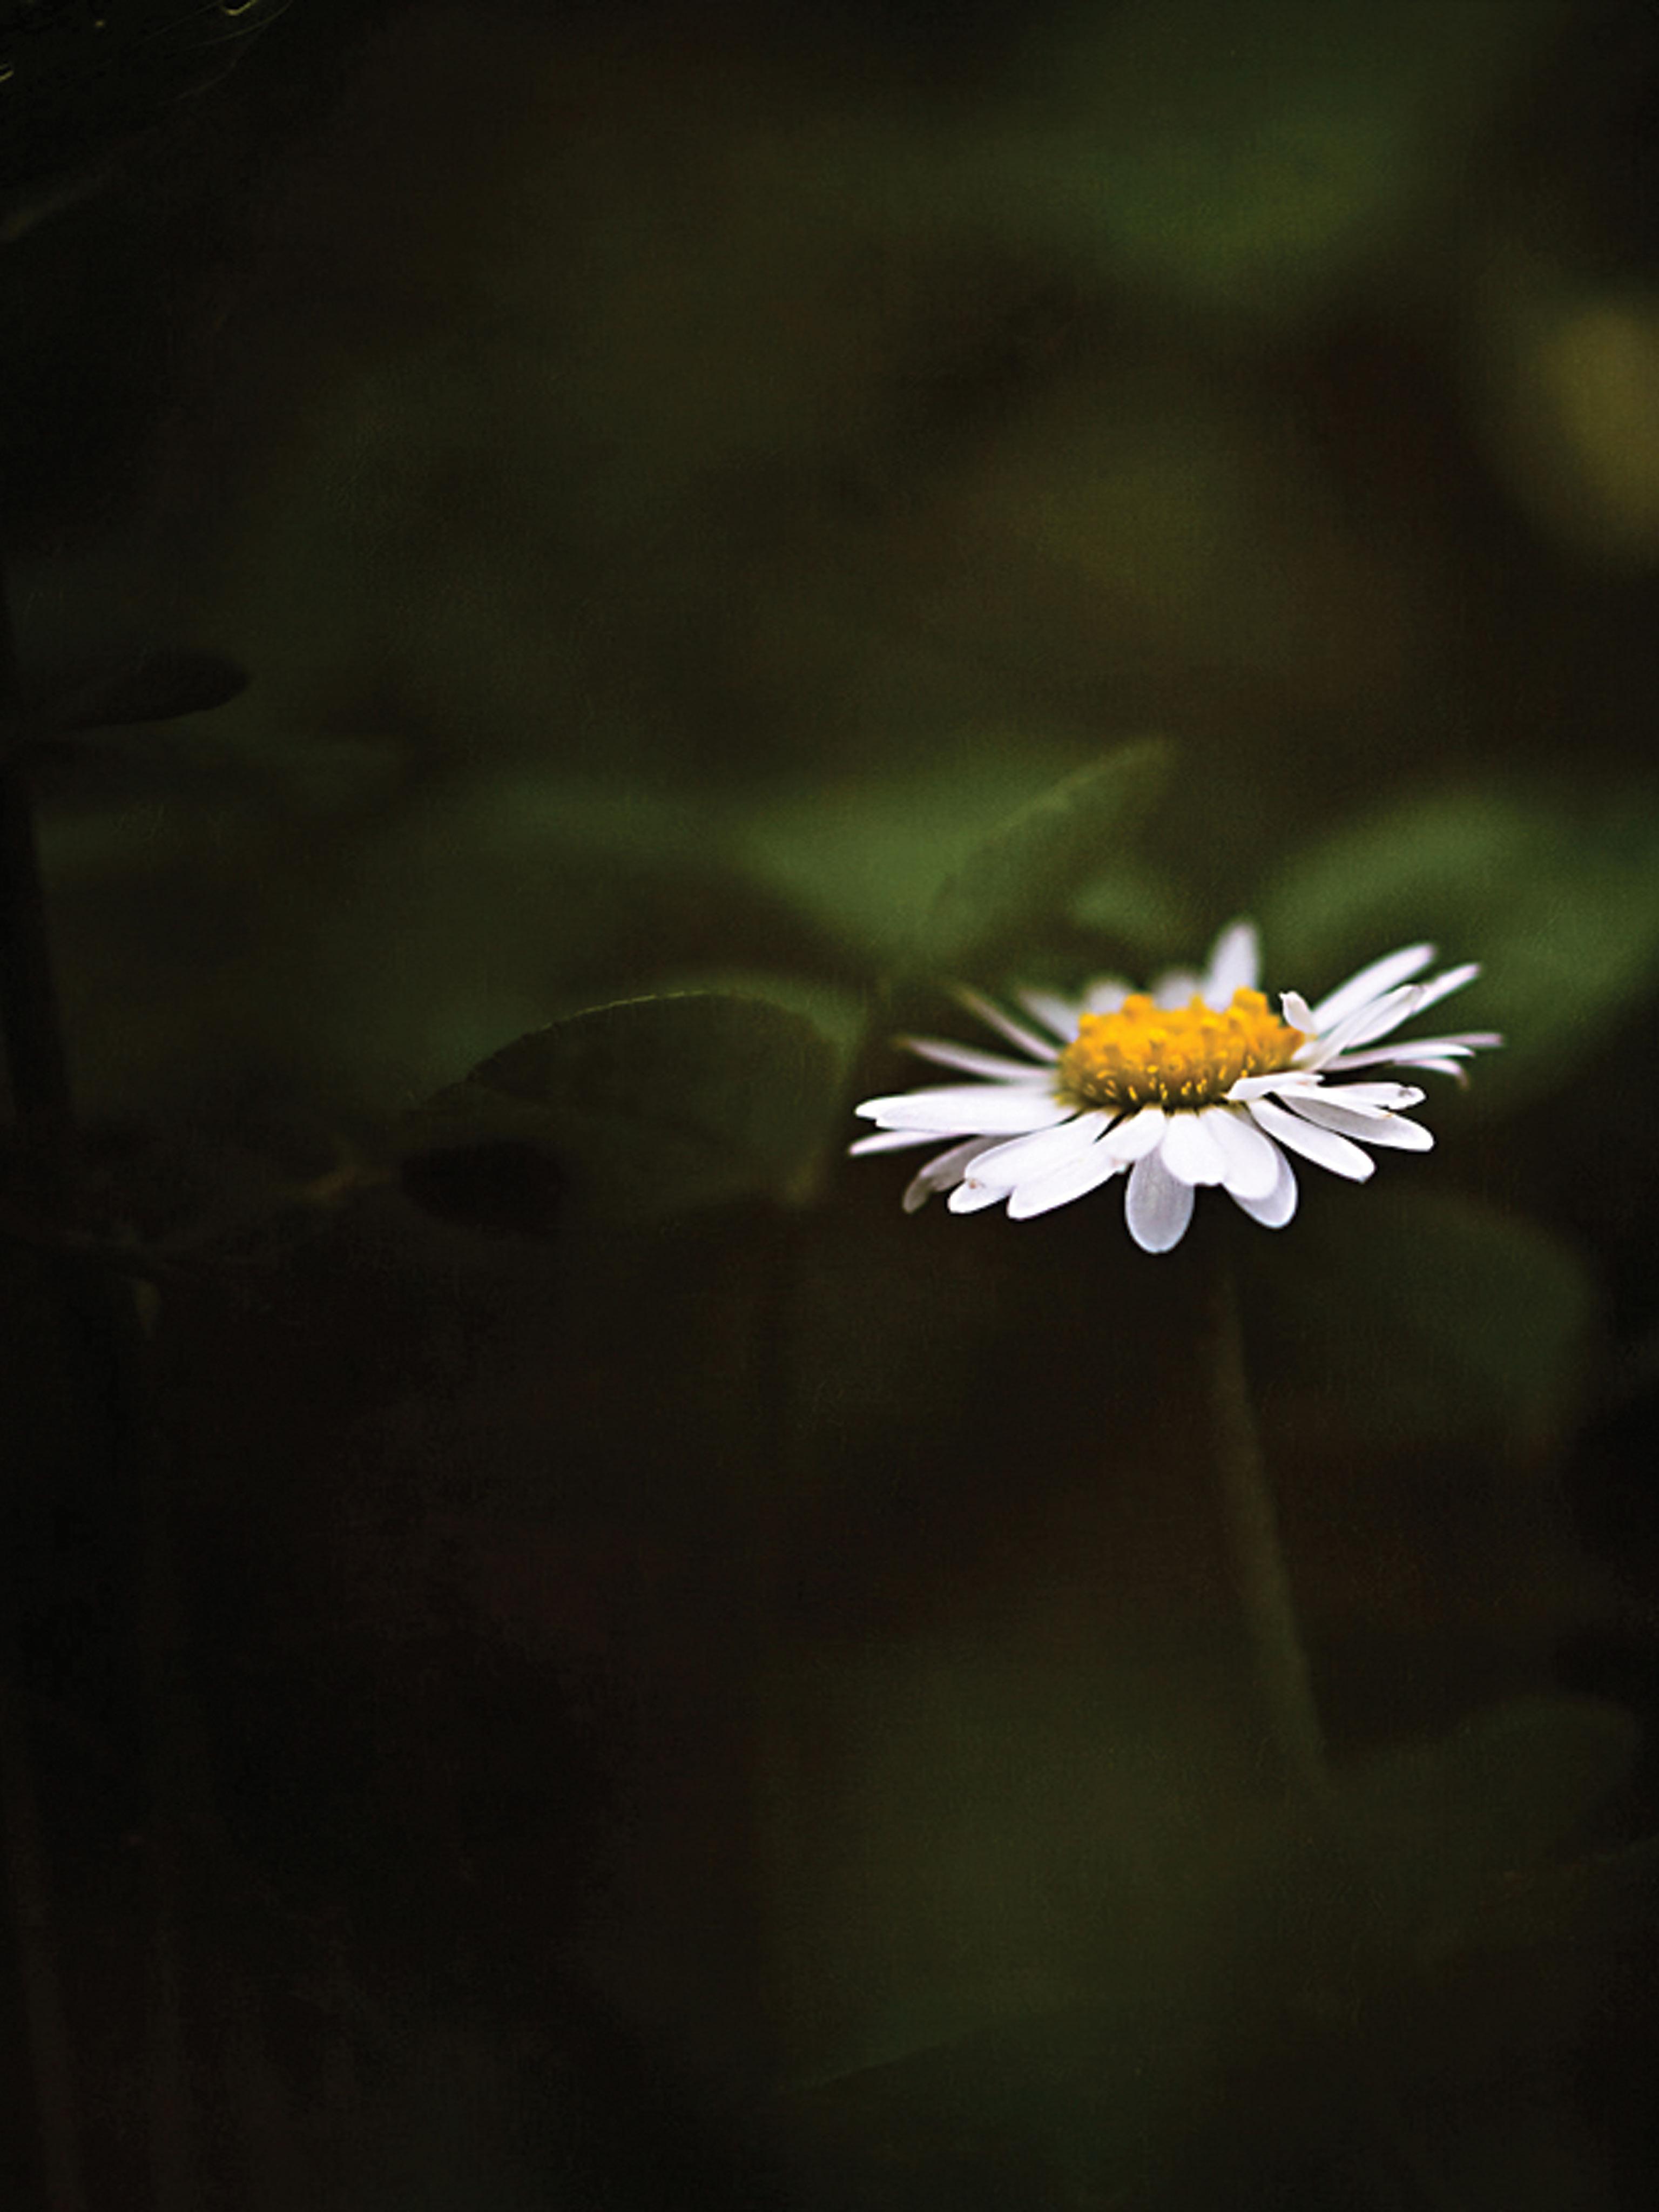 daisy flower mobile wallpaper | miniwallist